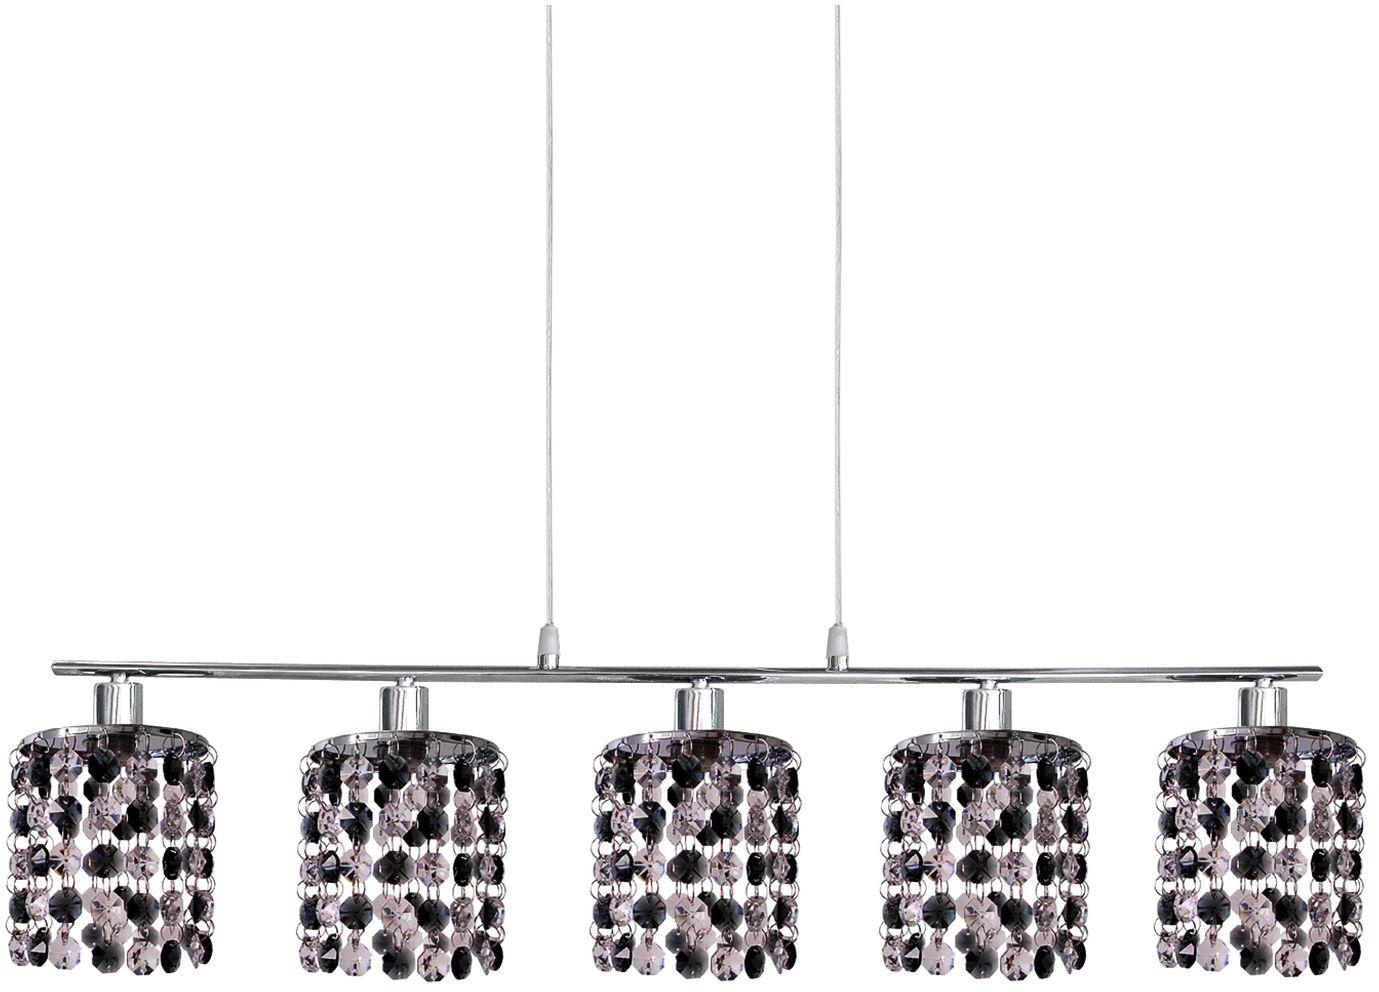 Candellux ROYAL 35-35724 lampa wisząca chrom kryształki czarne 5X40W G9 80cm